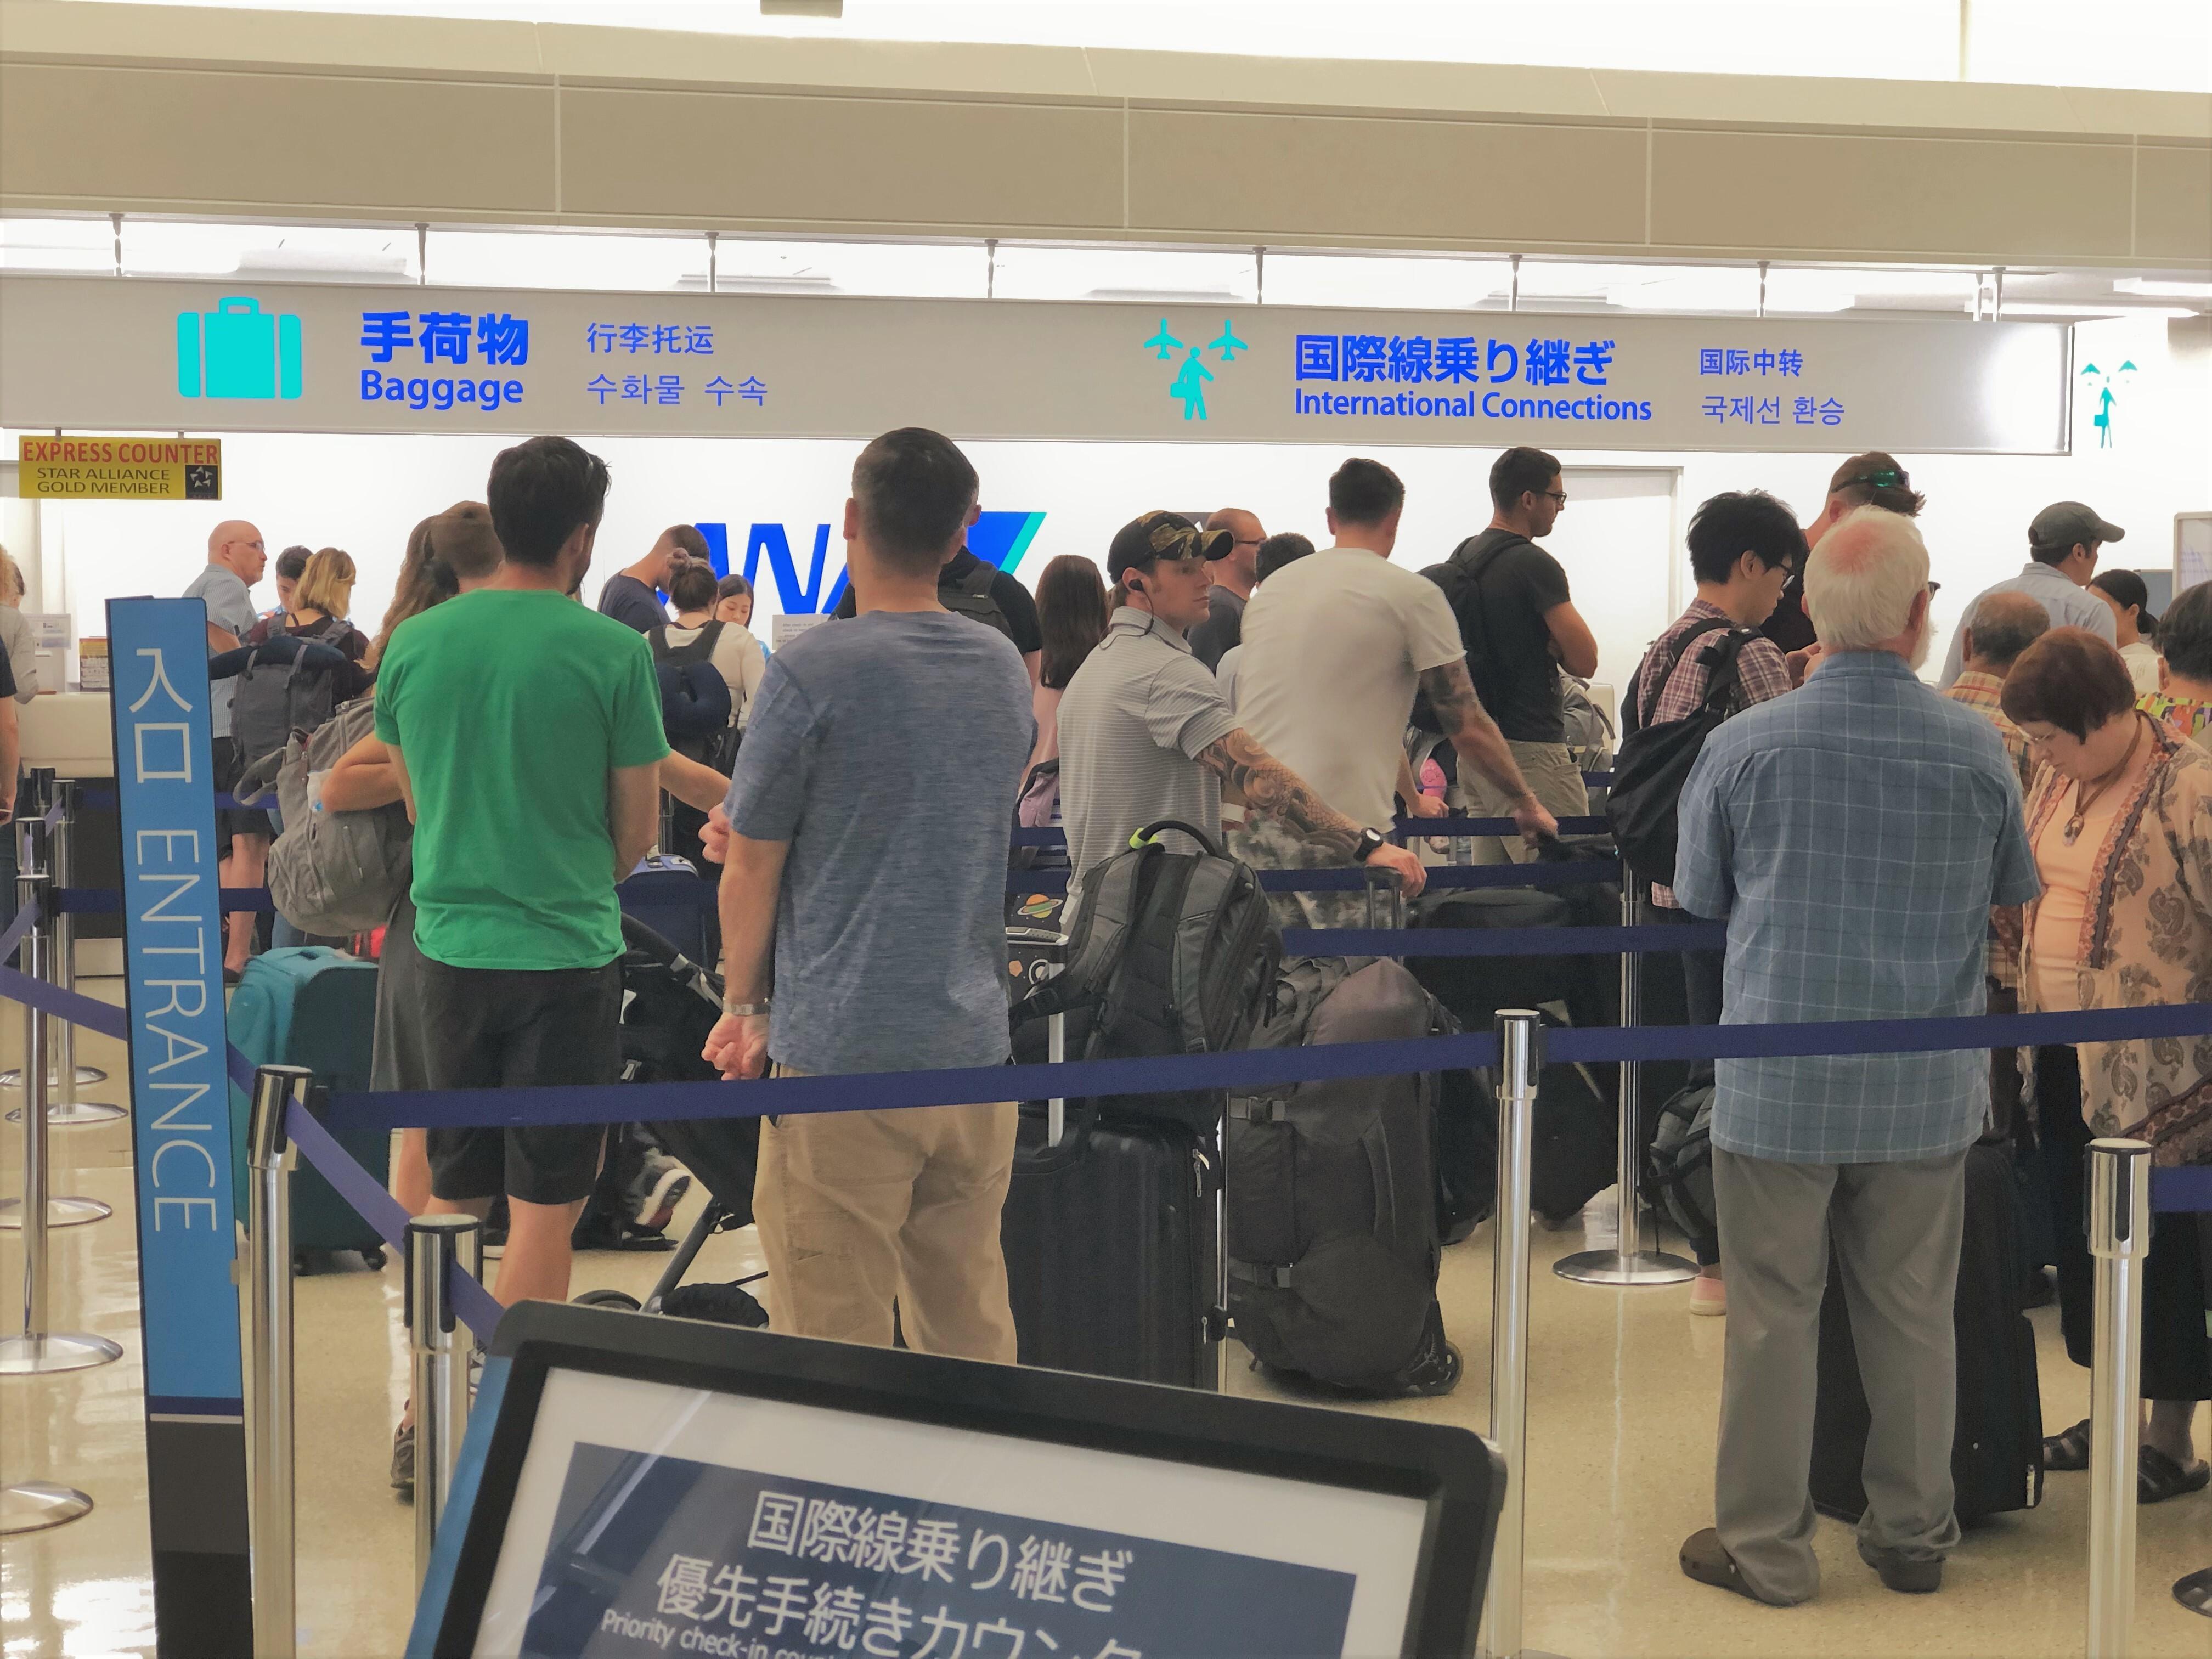 空港で列に並ぶ人々の写真